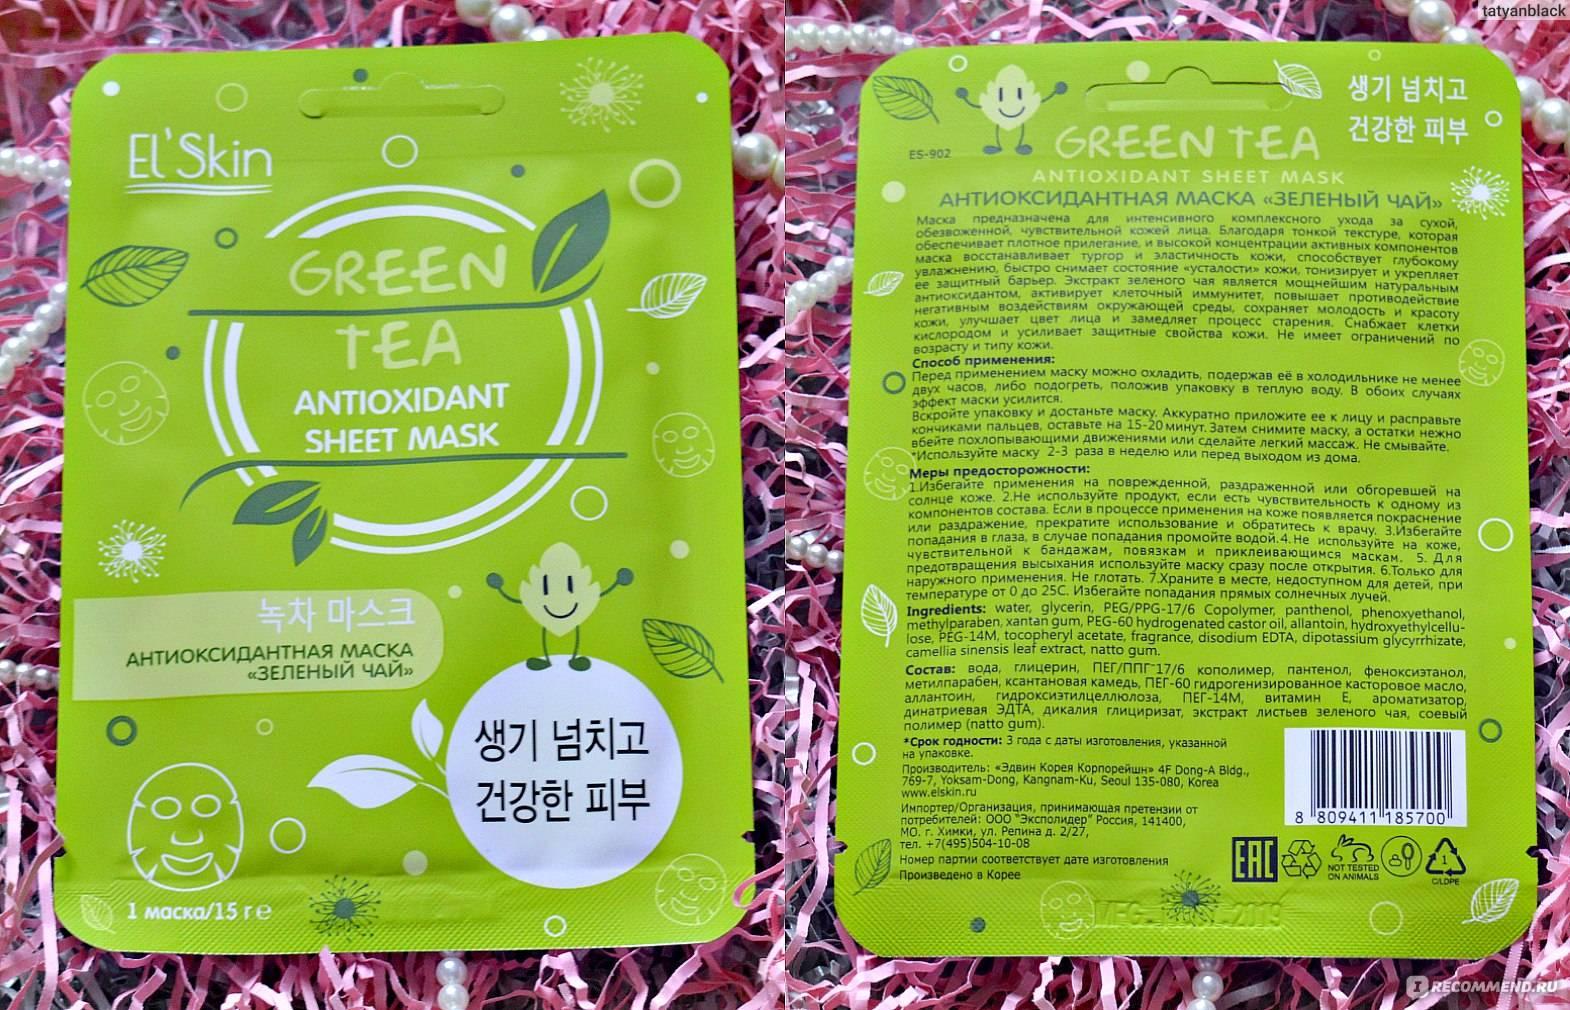 Зеленый чай для лица — польза и применение